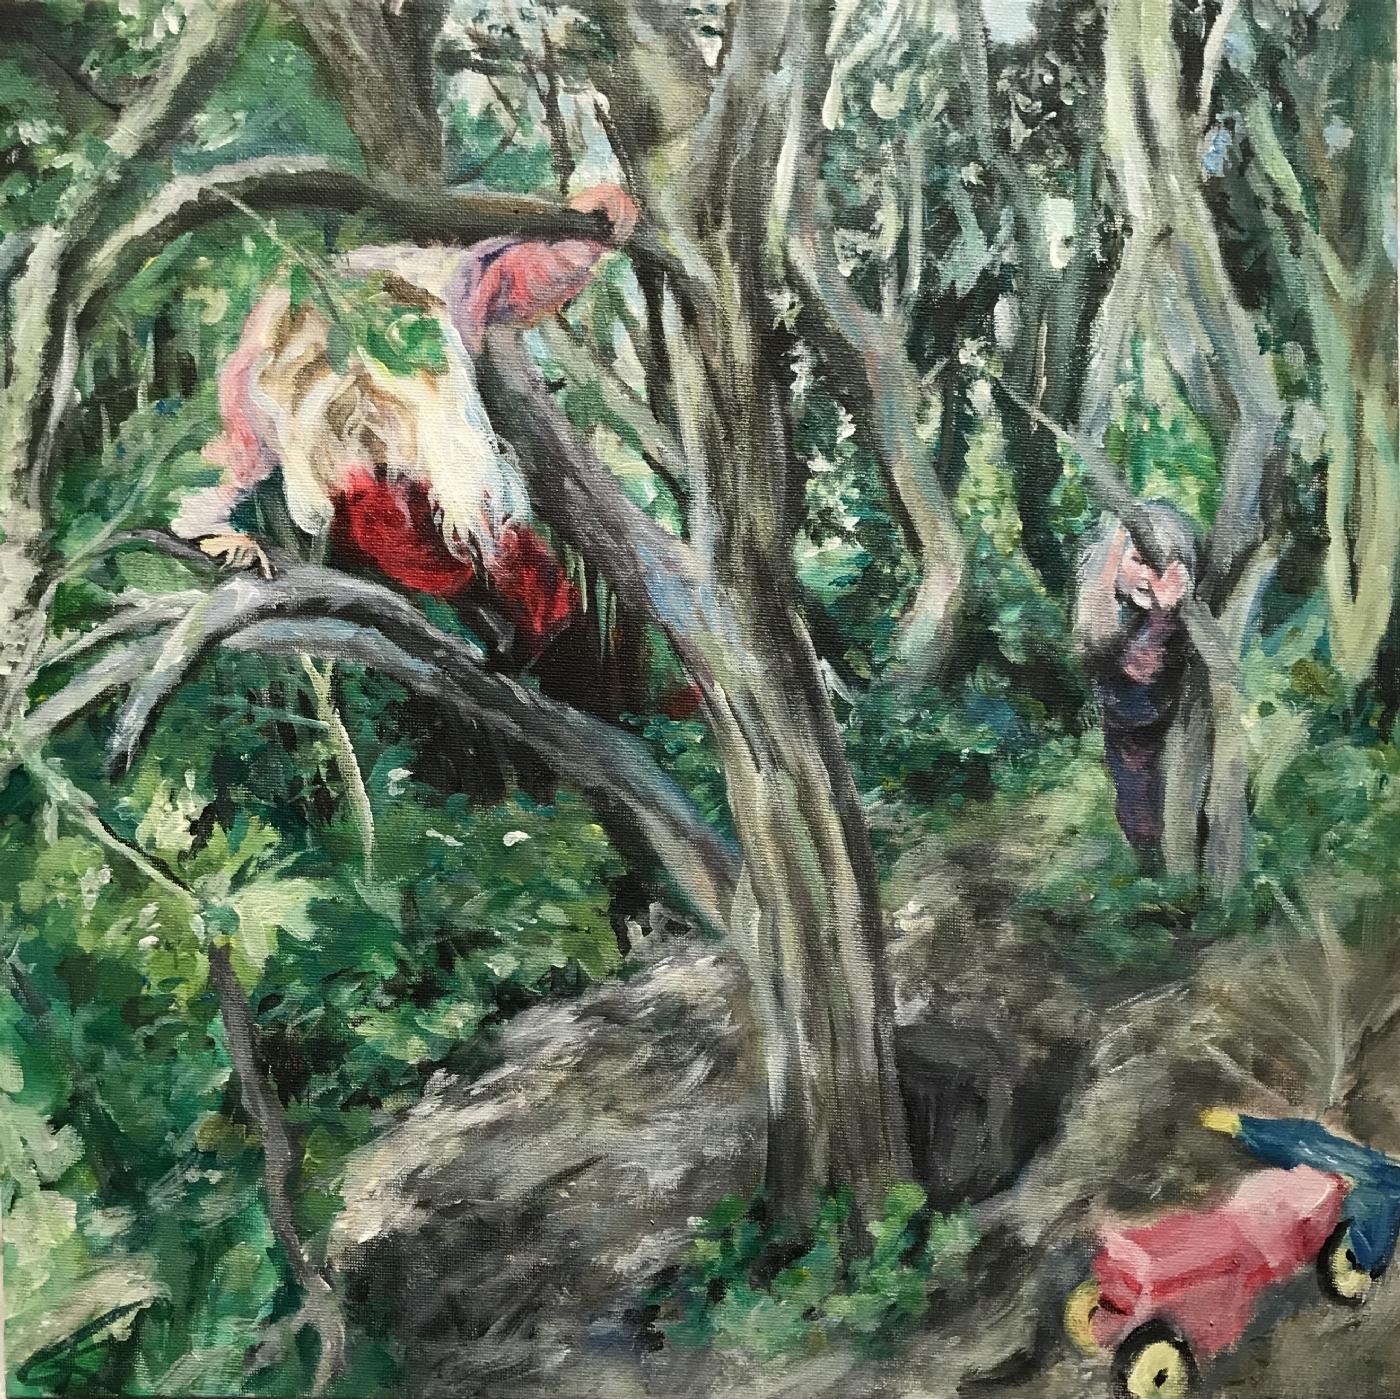 Klatren i træer | Maleri